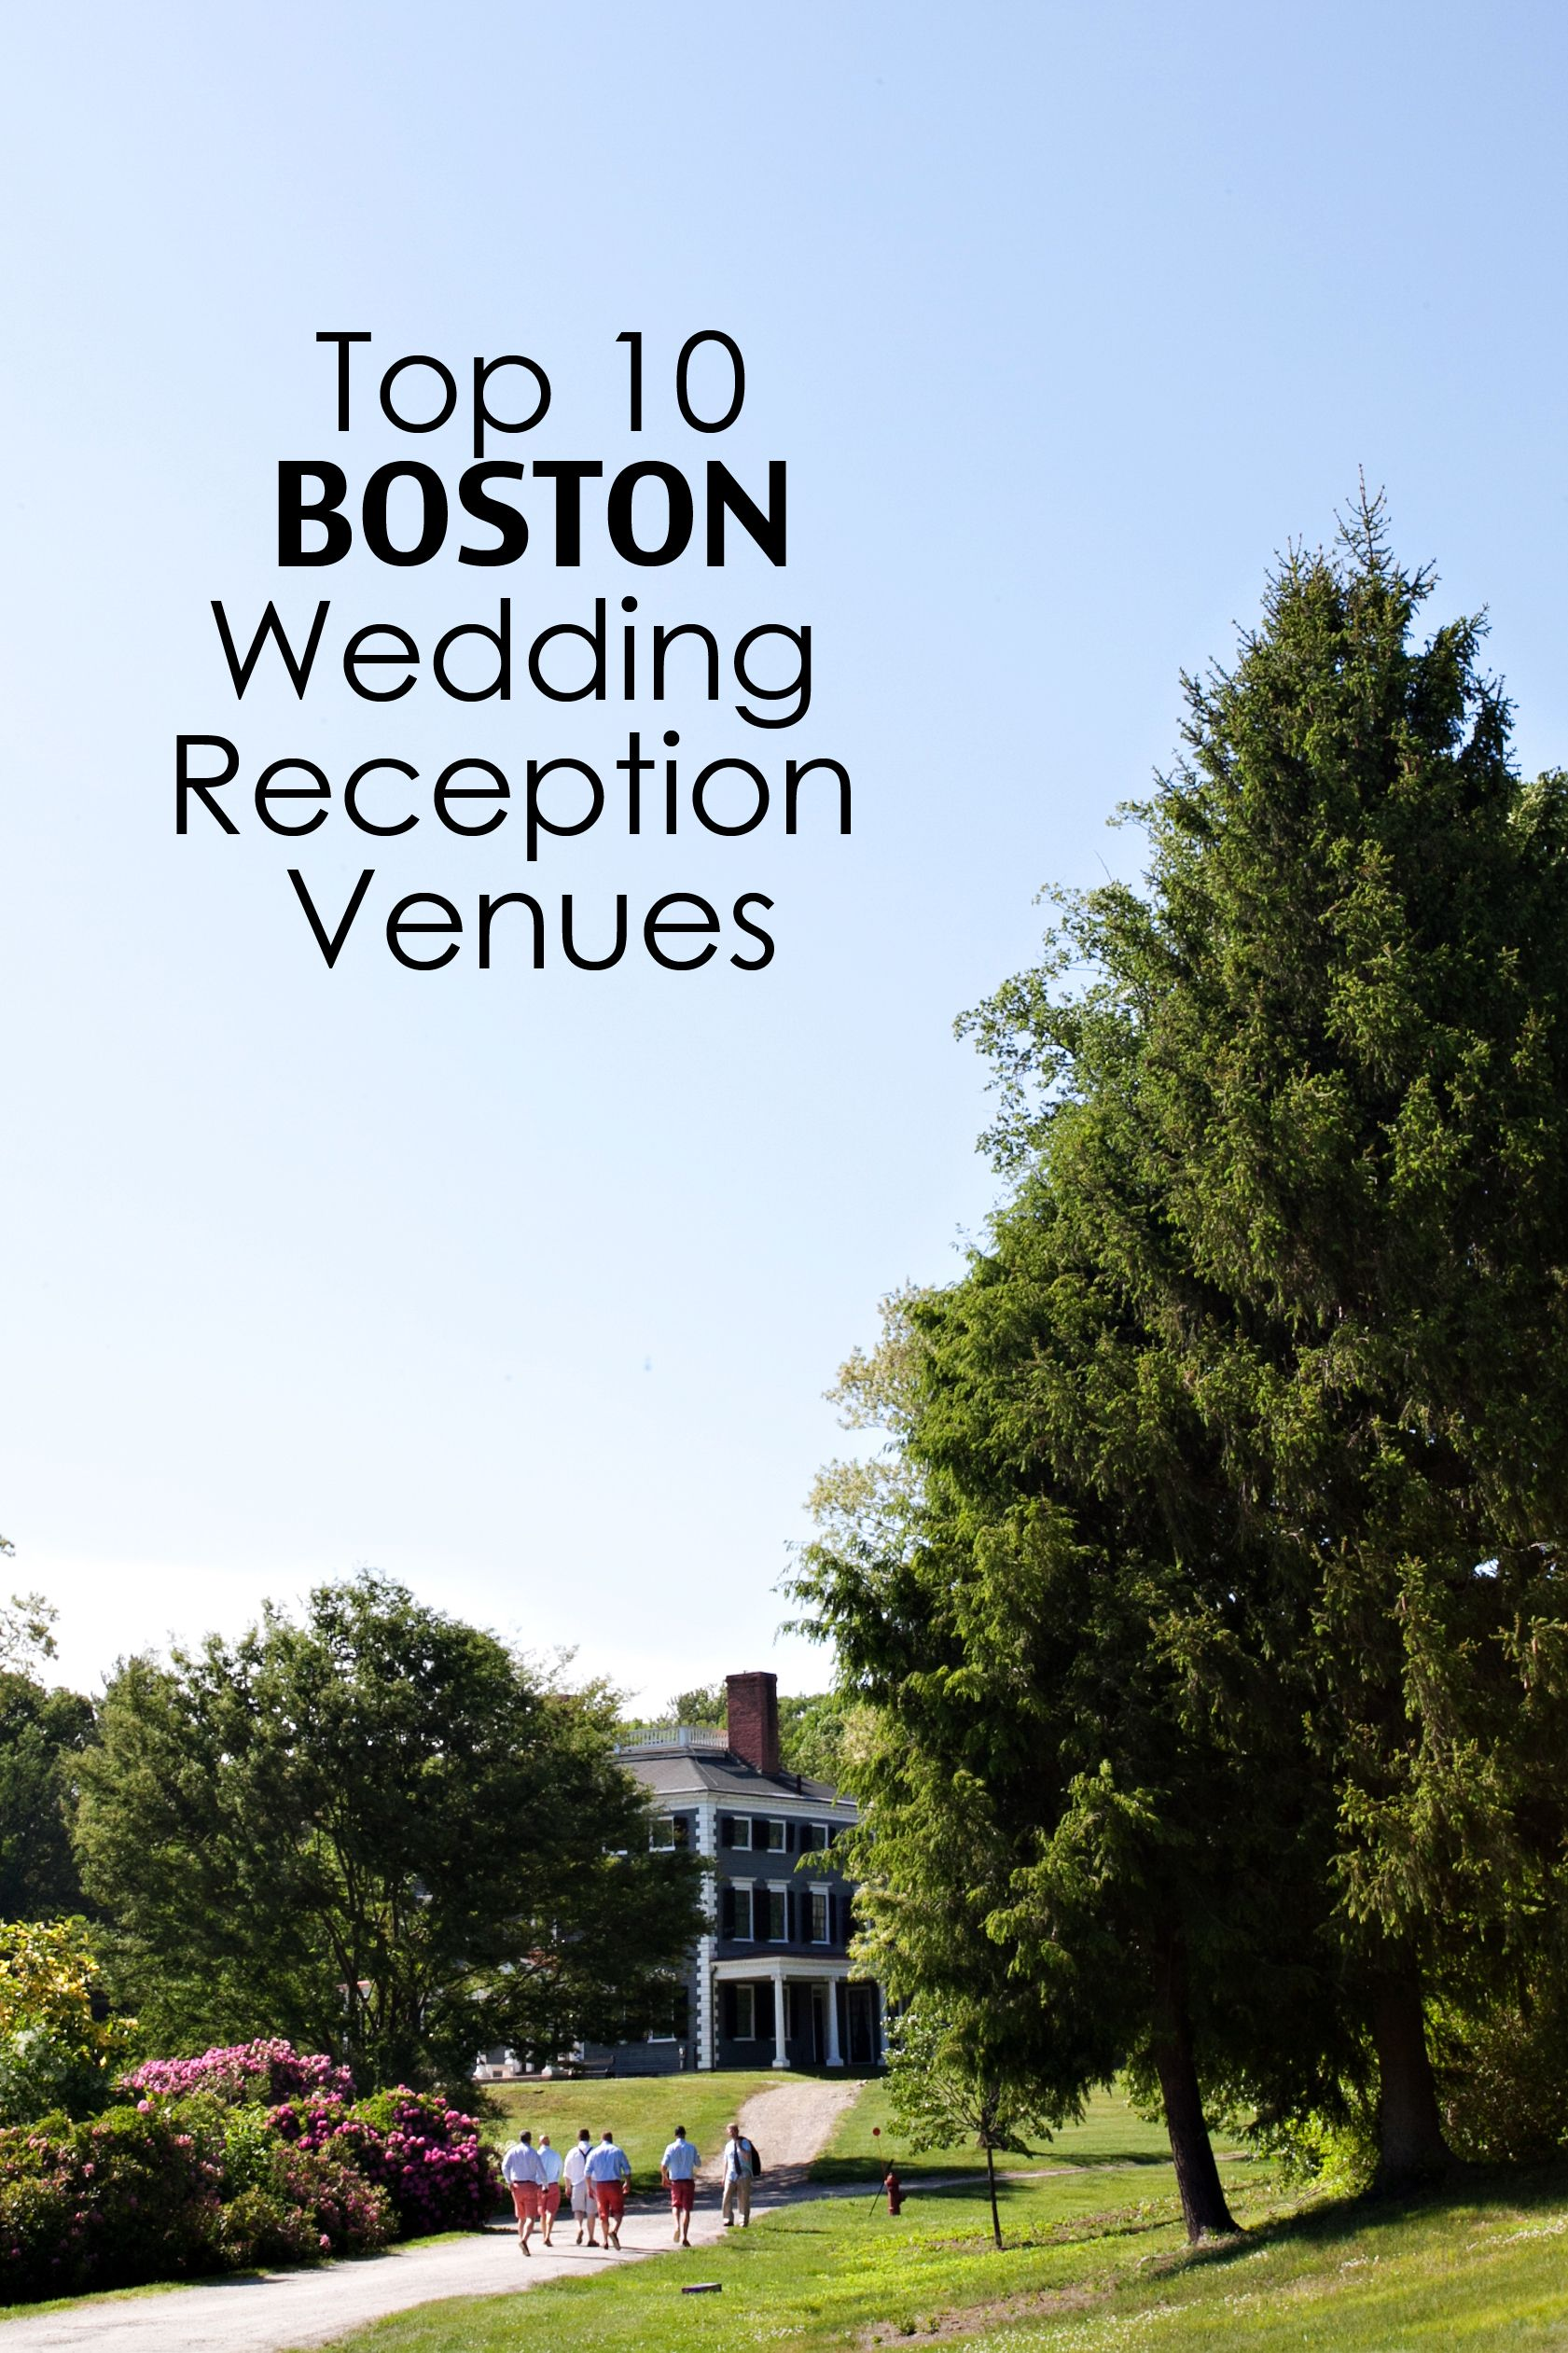 Top 10 Boston Wedding Venues Boston Wedding Venues Pinterest